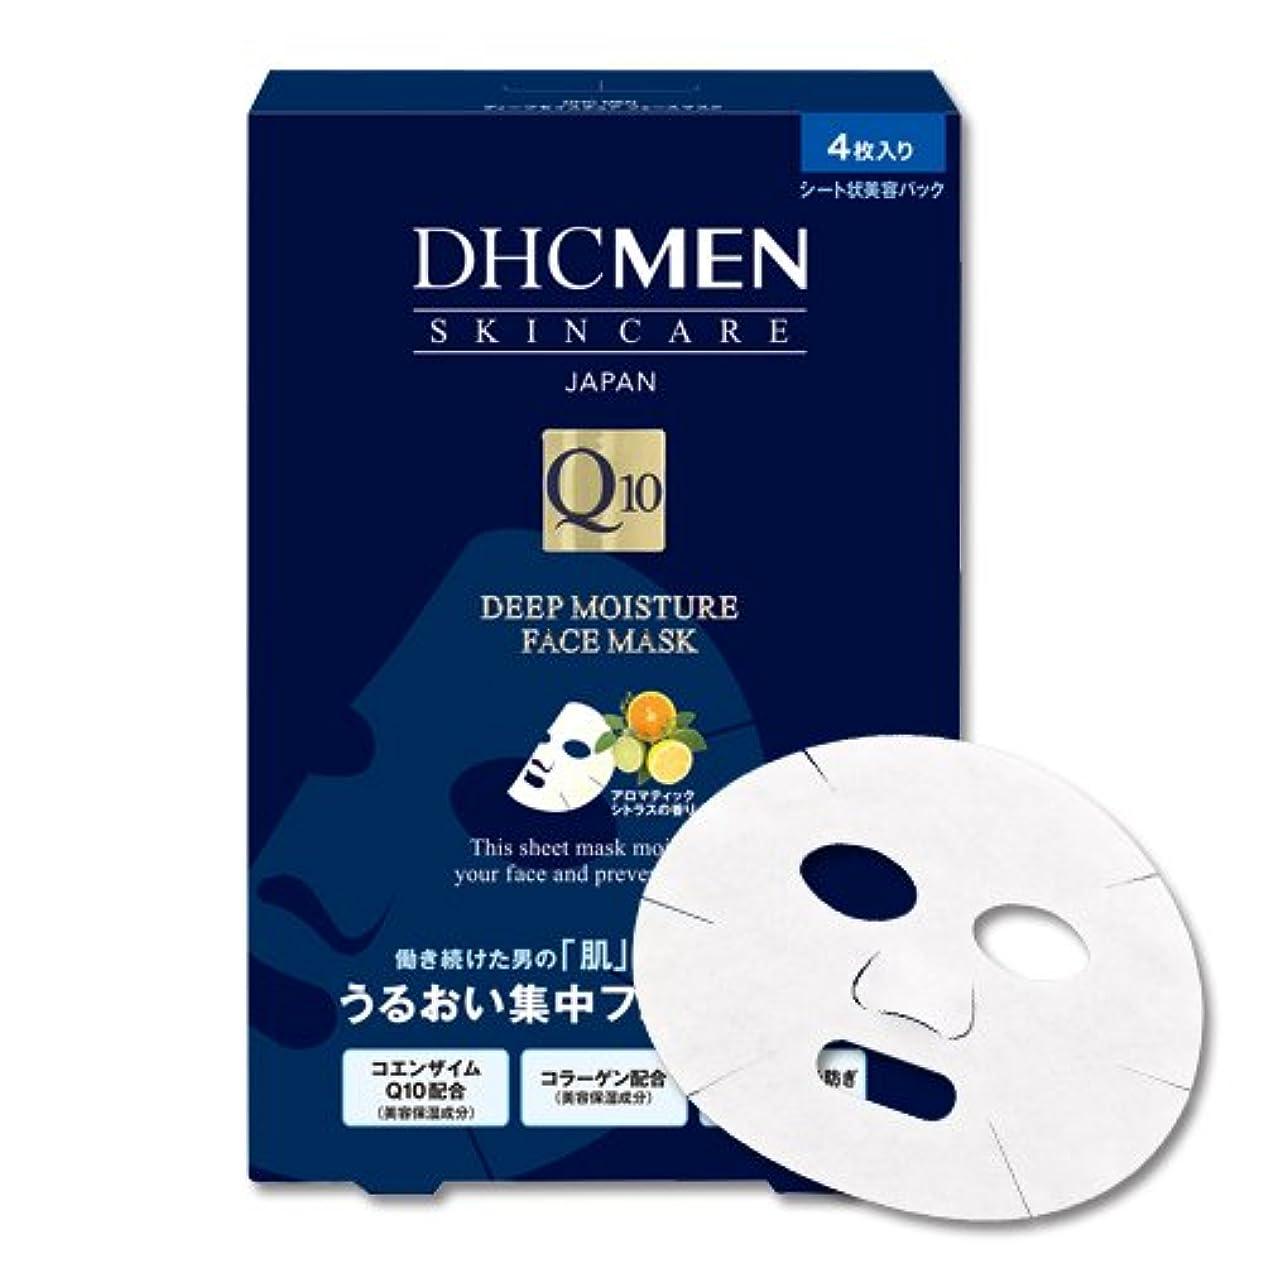 暖炉契約する粘り強いDHC MEN ディープモイスチュア フェースマスク